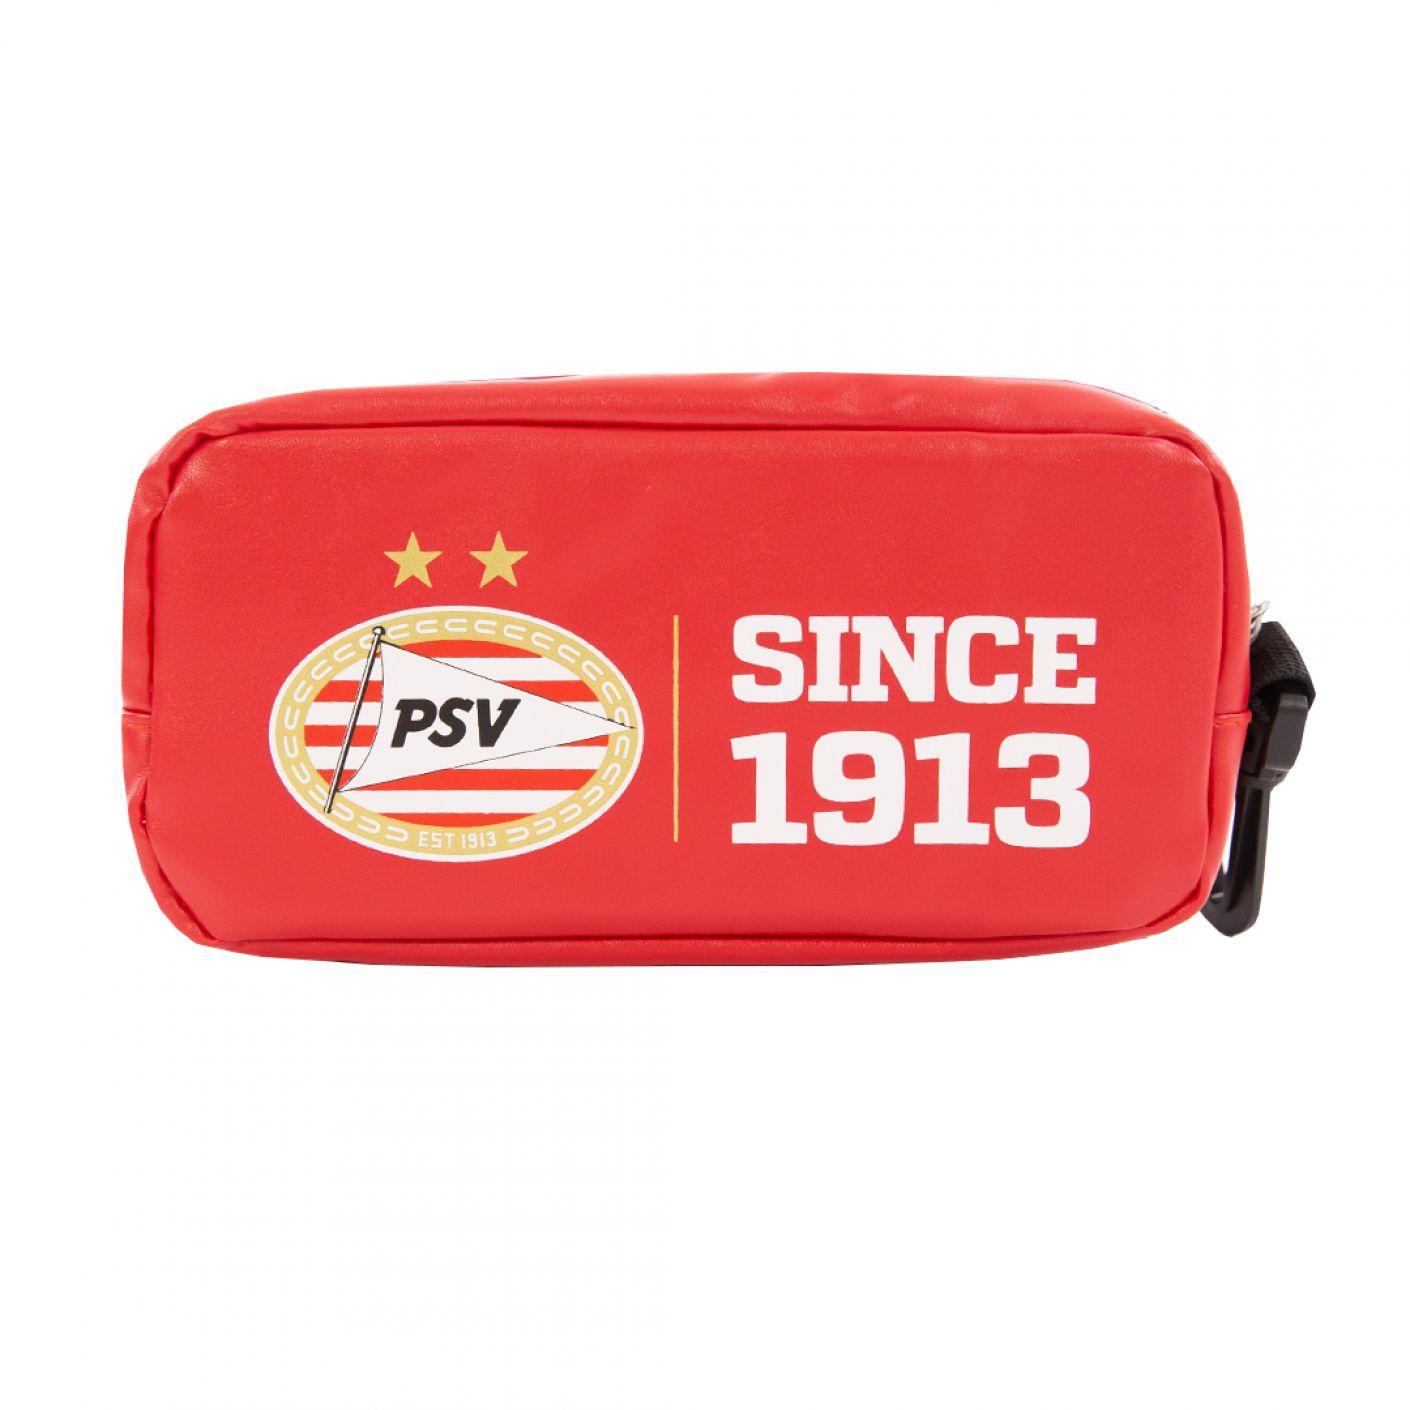 PSV Etui Since 1913